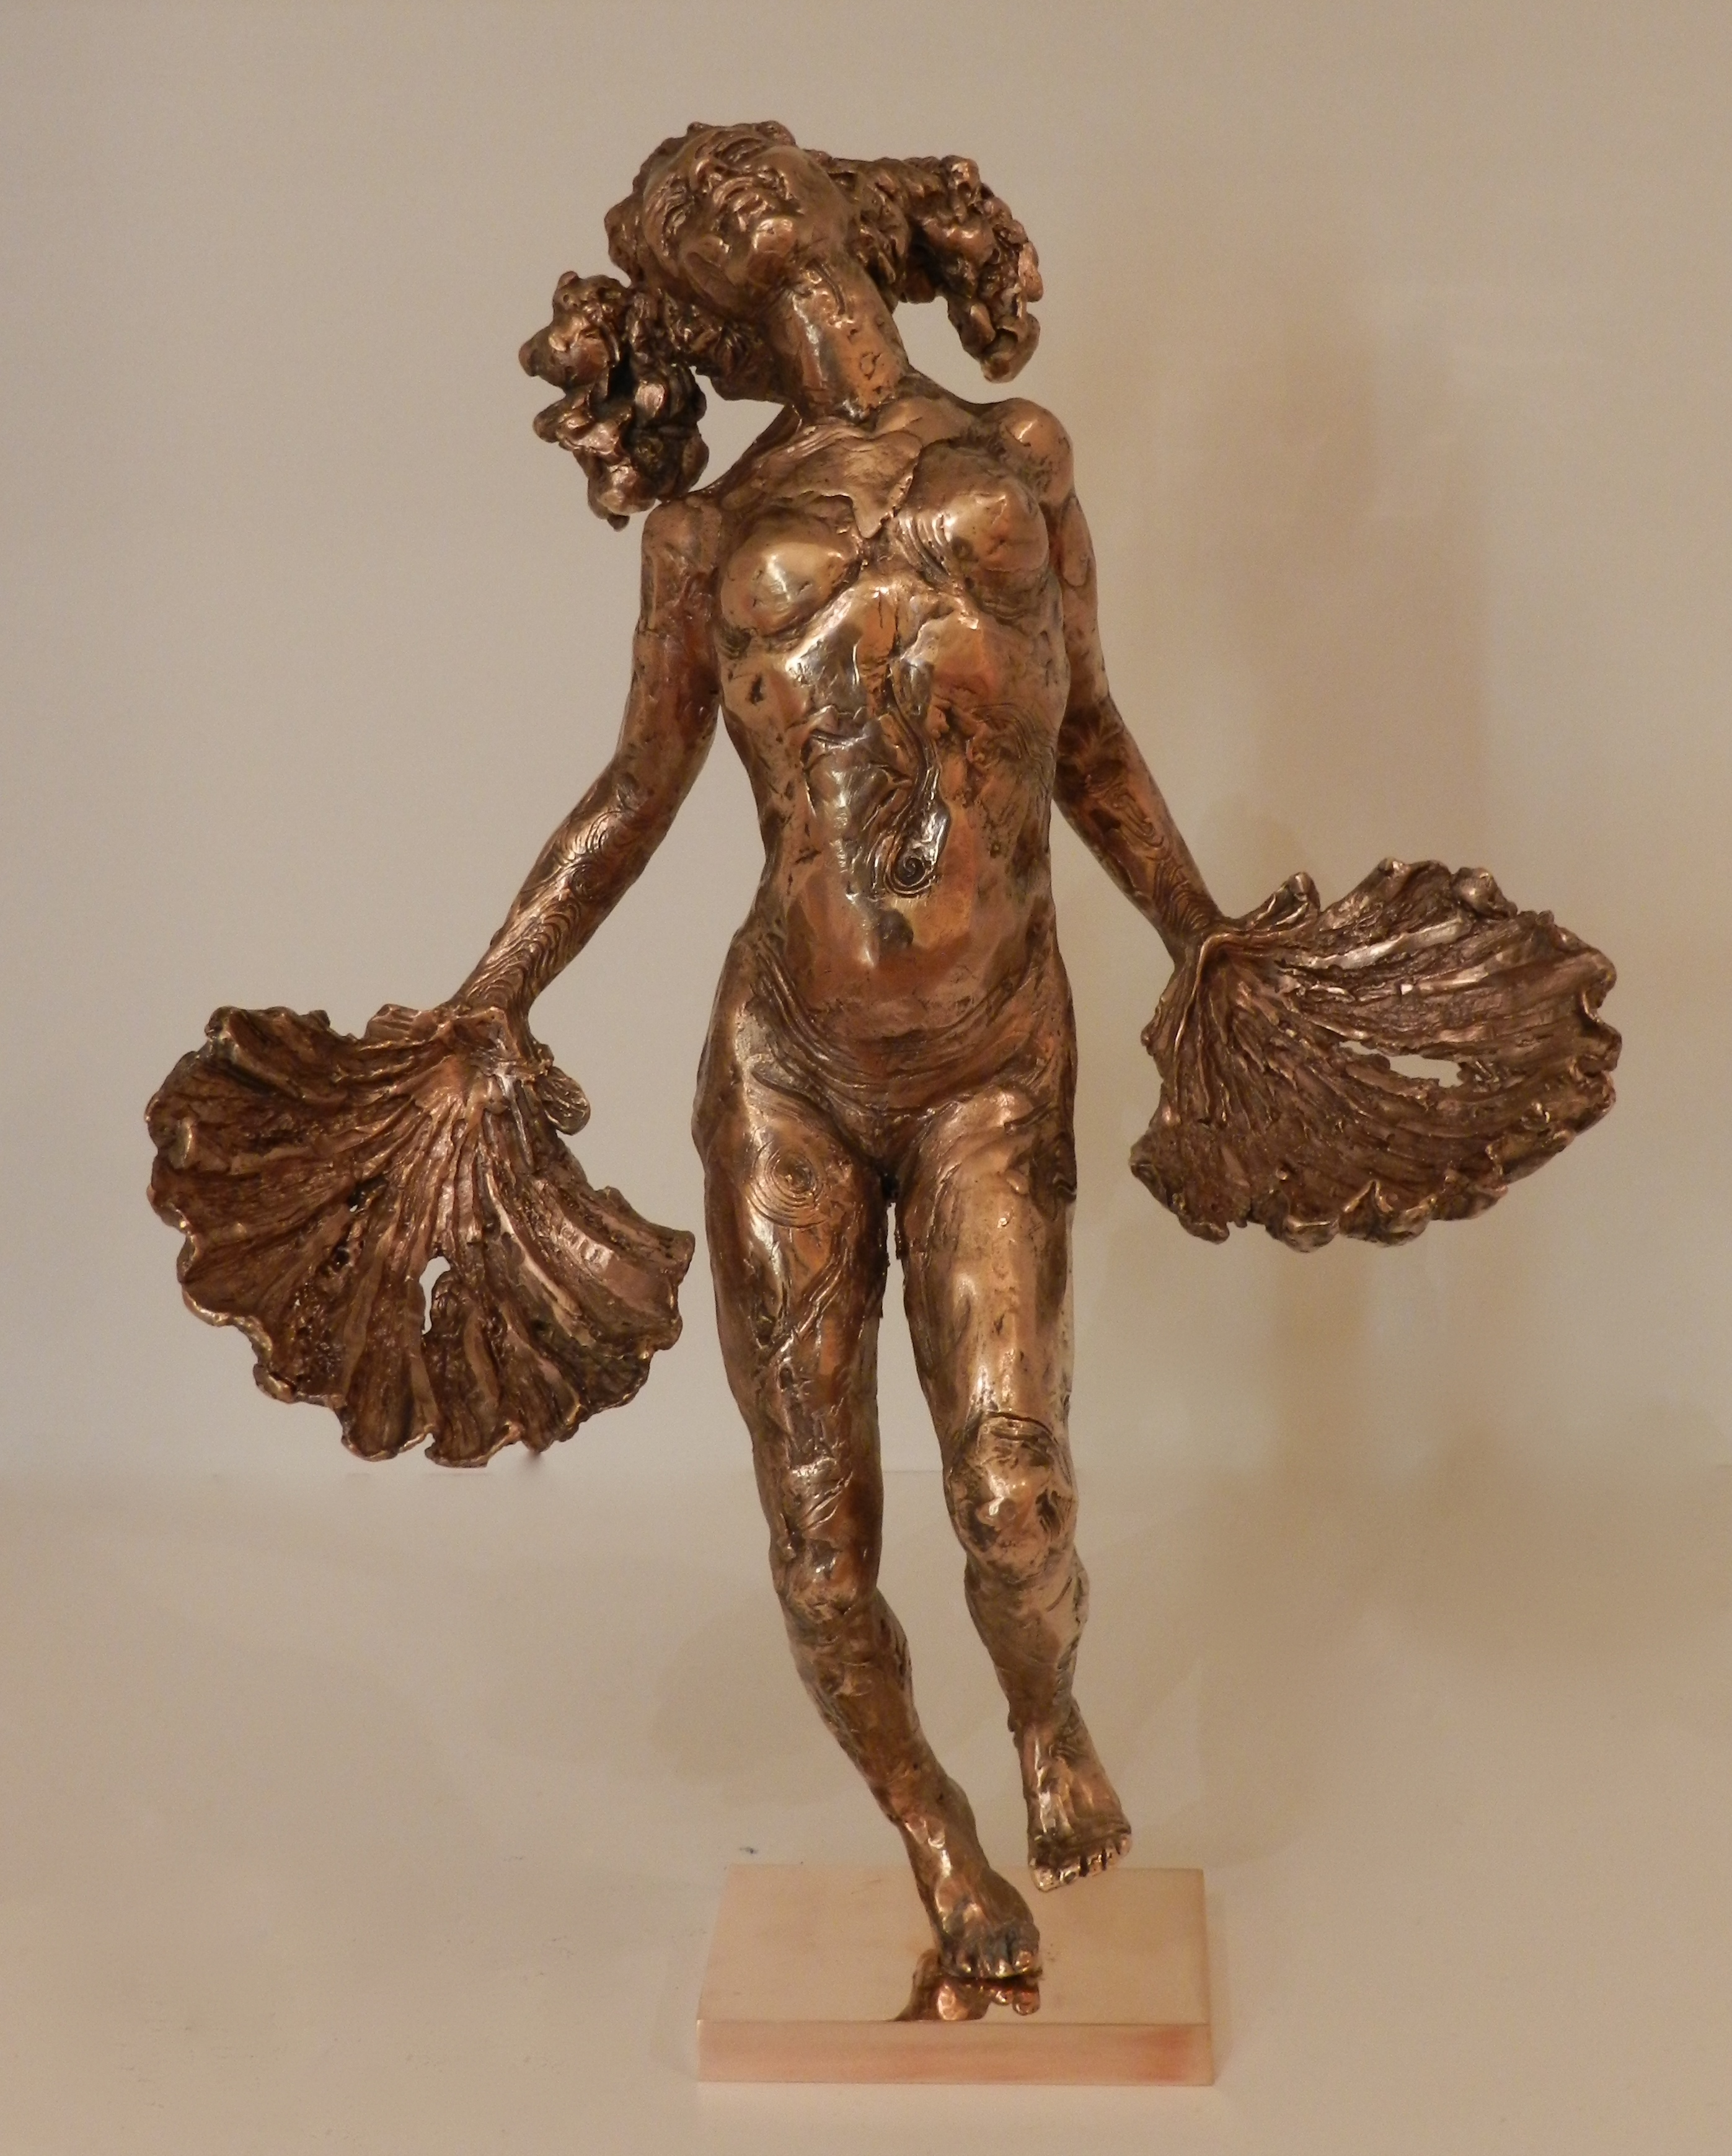 ANADYOMENE, bronze, cm 27 x 37